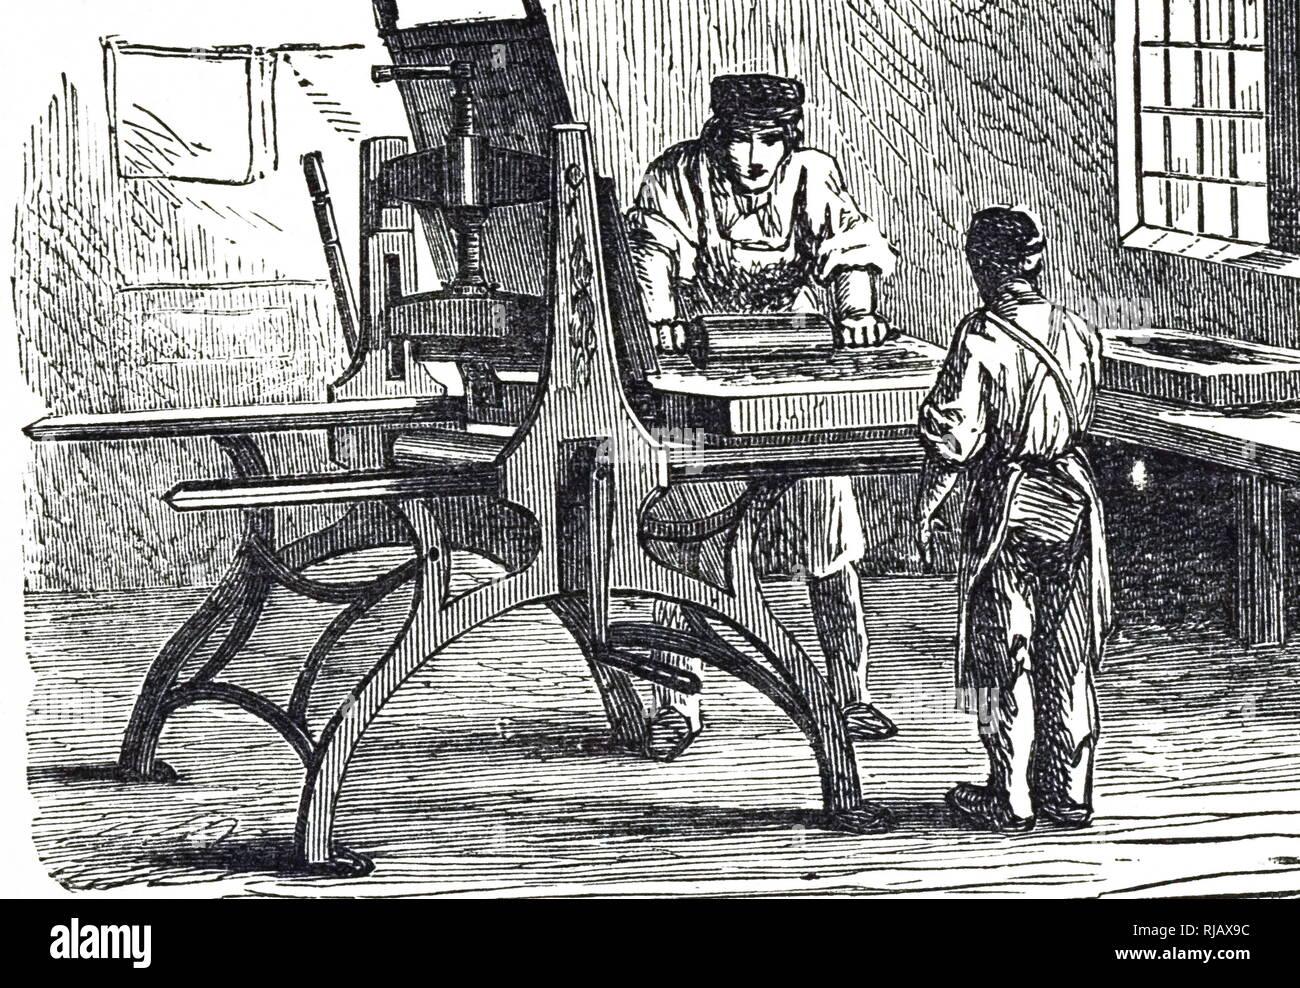 Una incisione raffigurante una stampa litografica premere. Datata del XIX secolo Immagini Stock